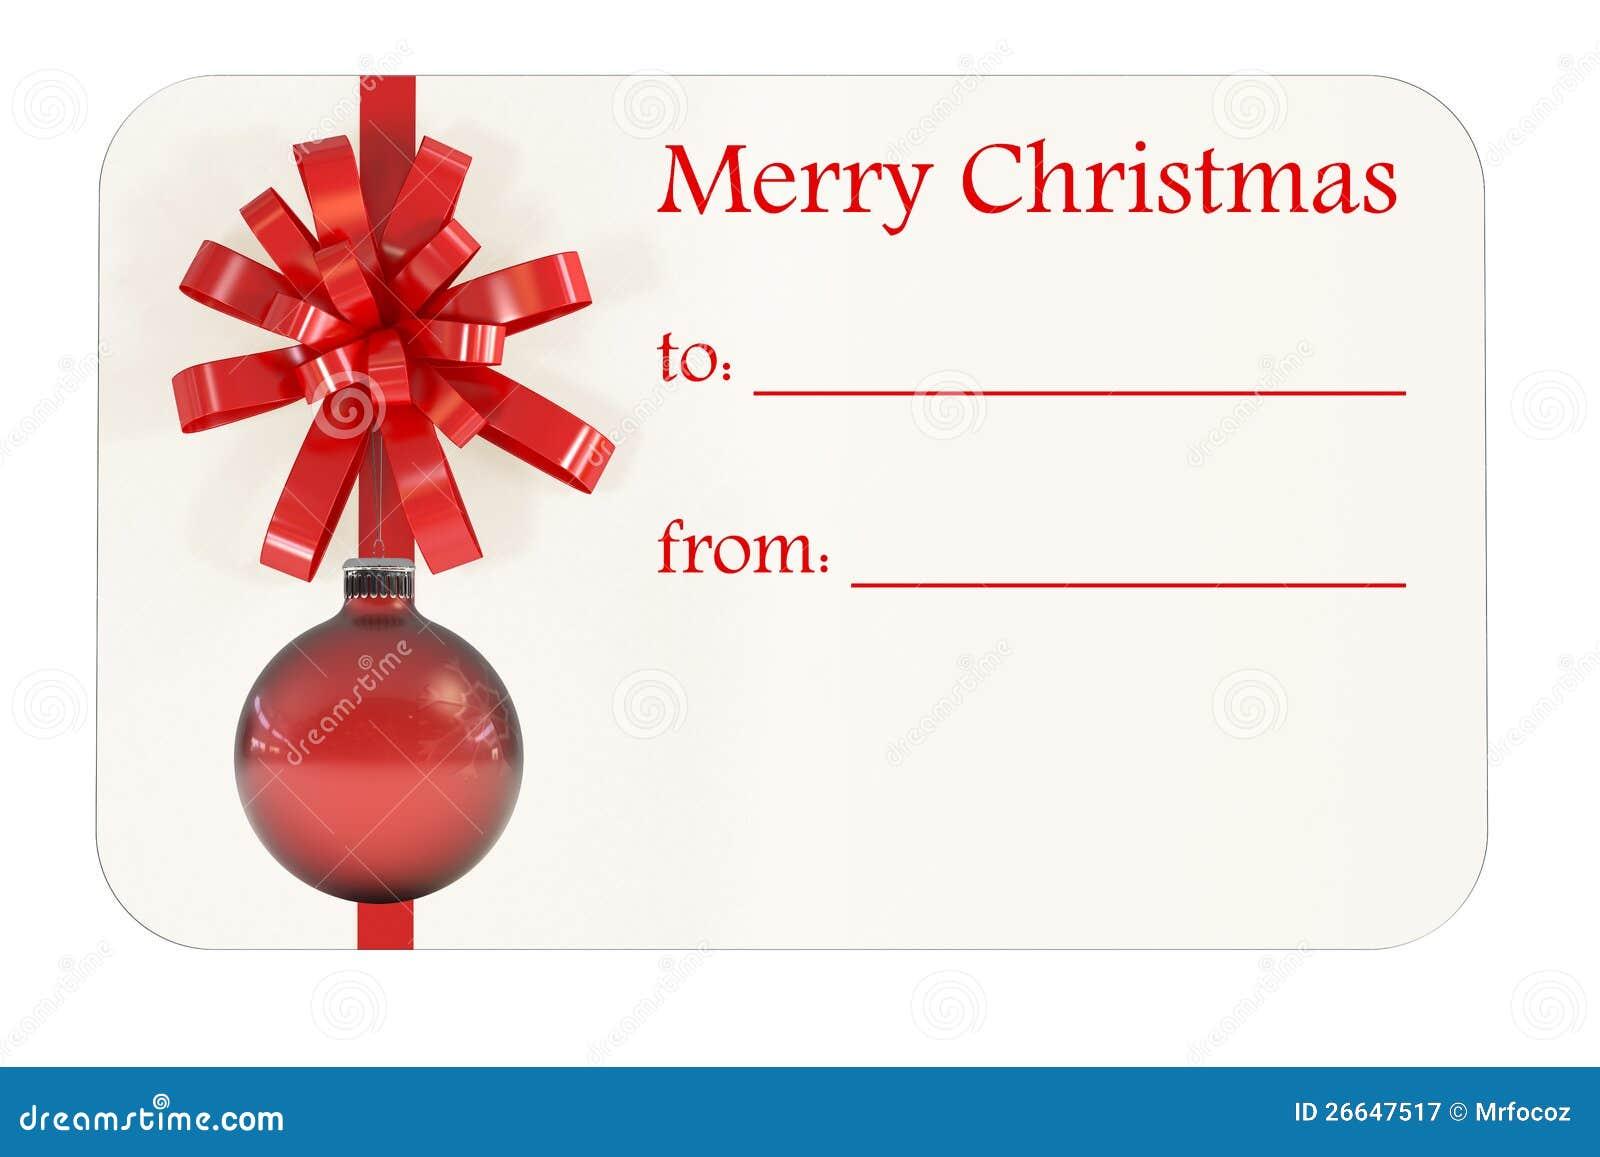 Weihnachtsgeschenk-Karte stock abbildung. Illustration von bogen ...